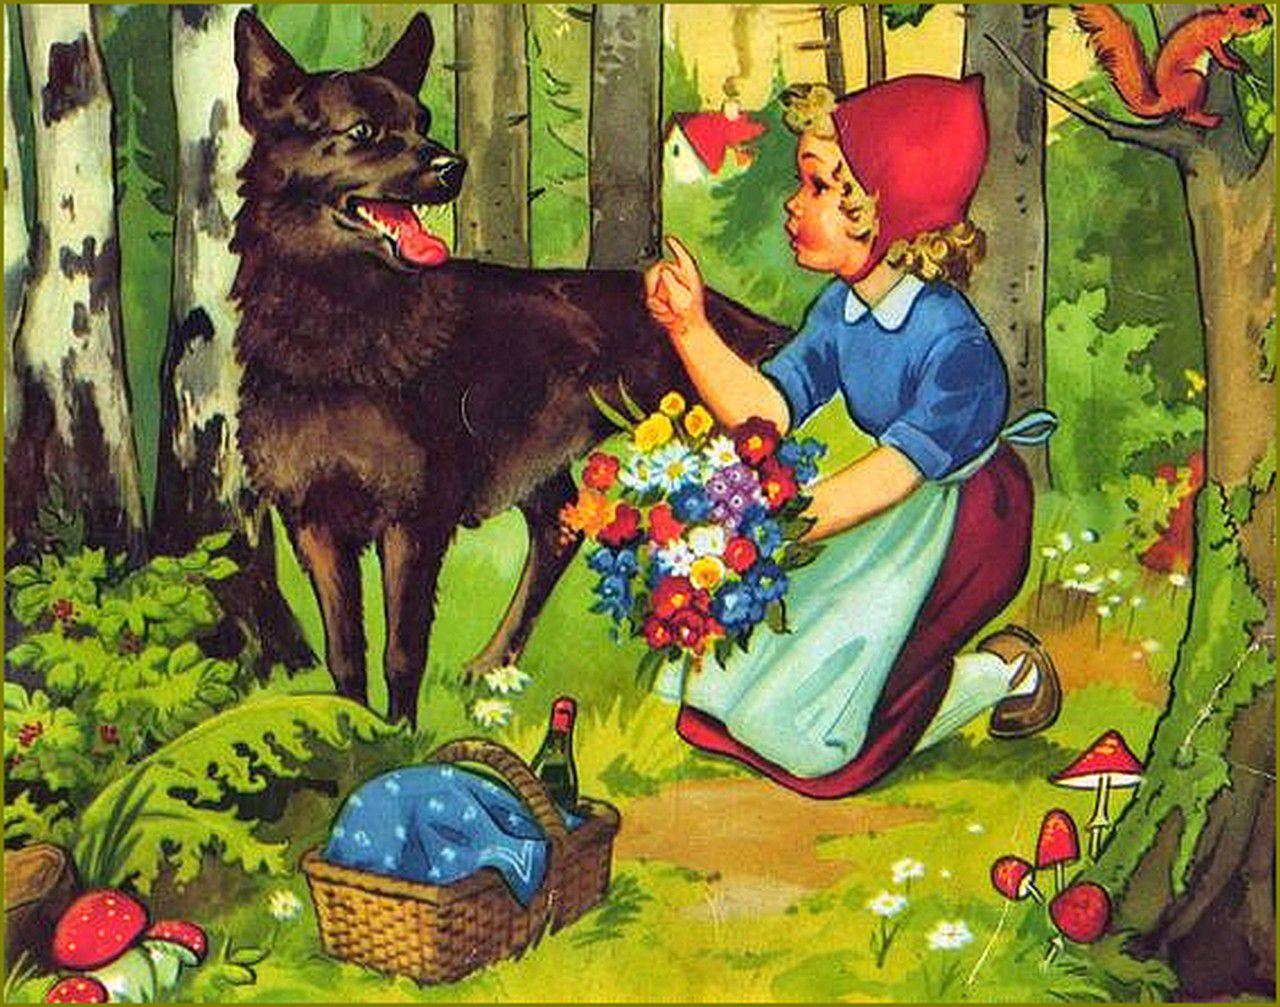 Le petit chaperon rouge en illustration